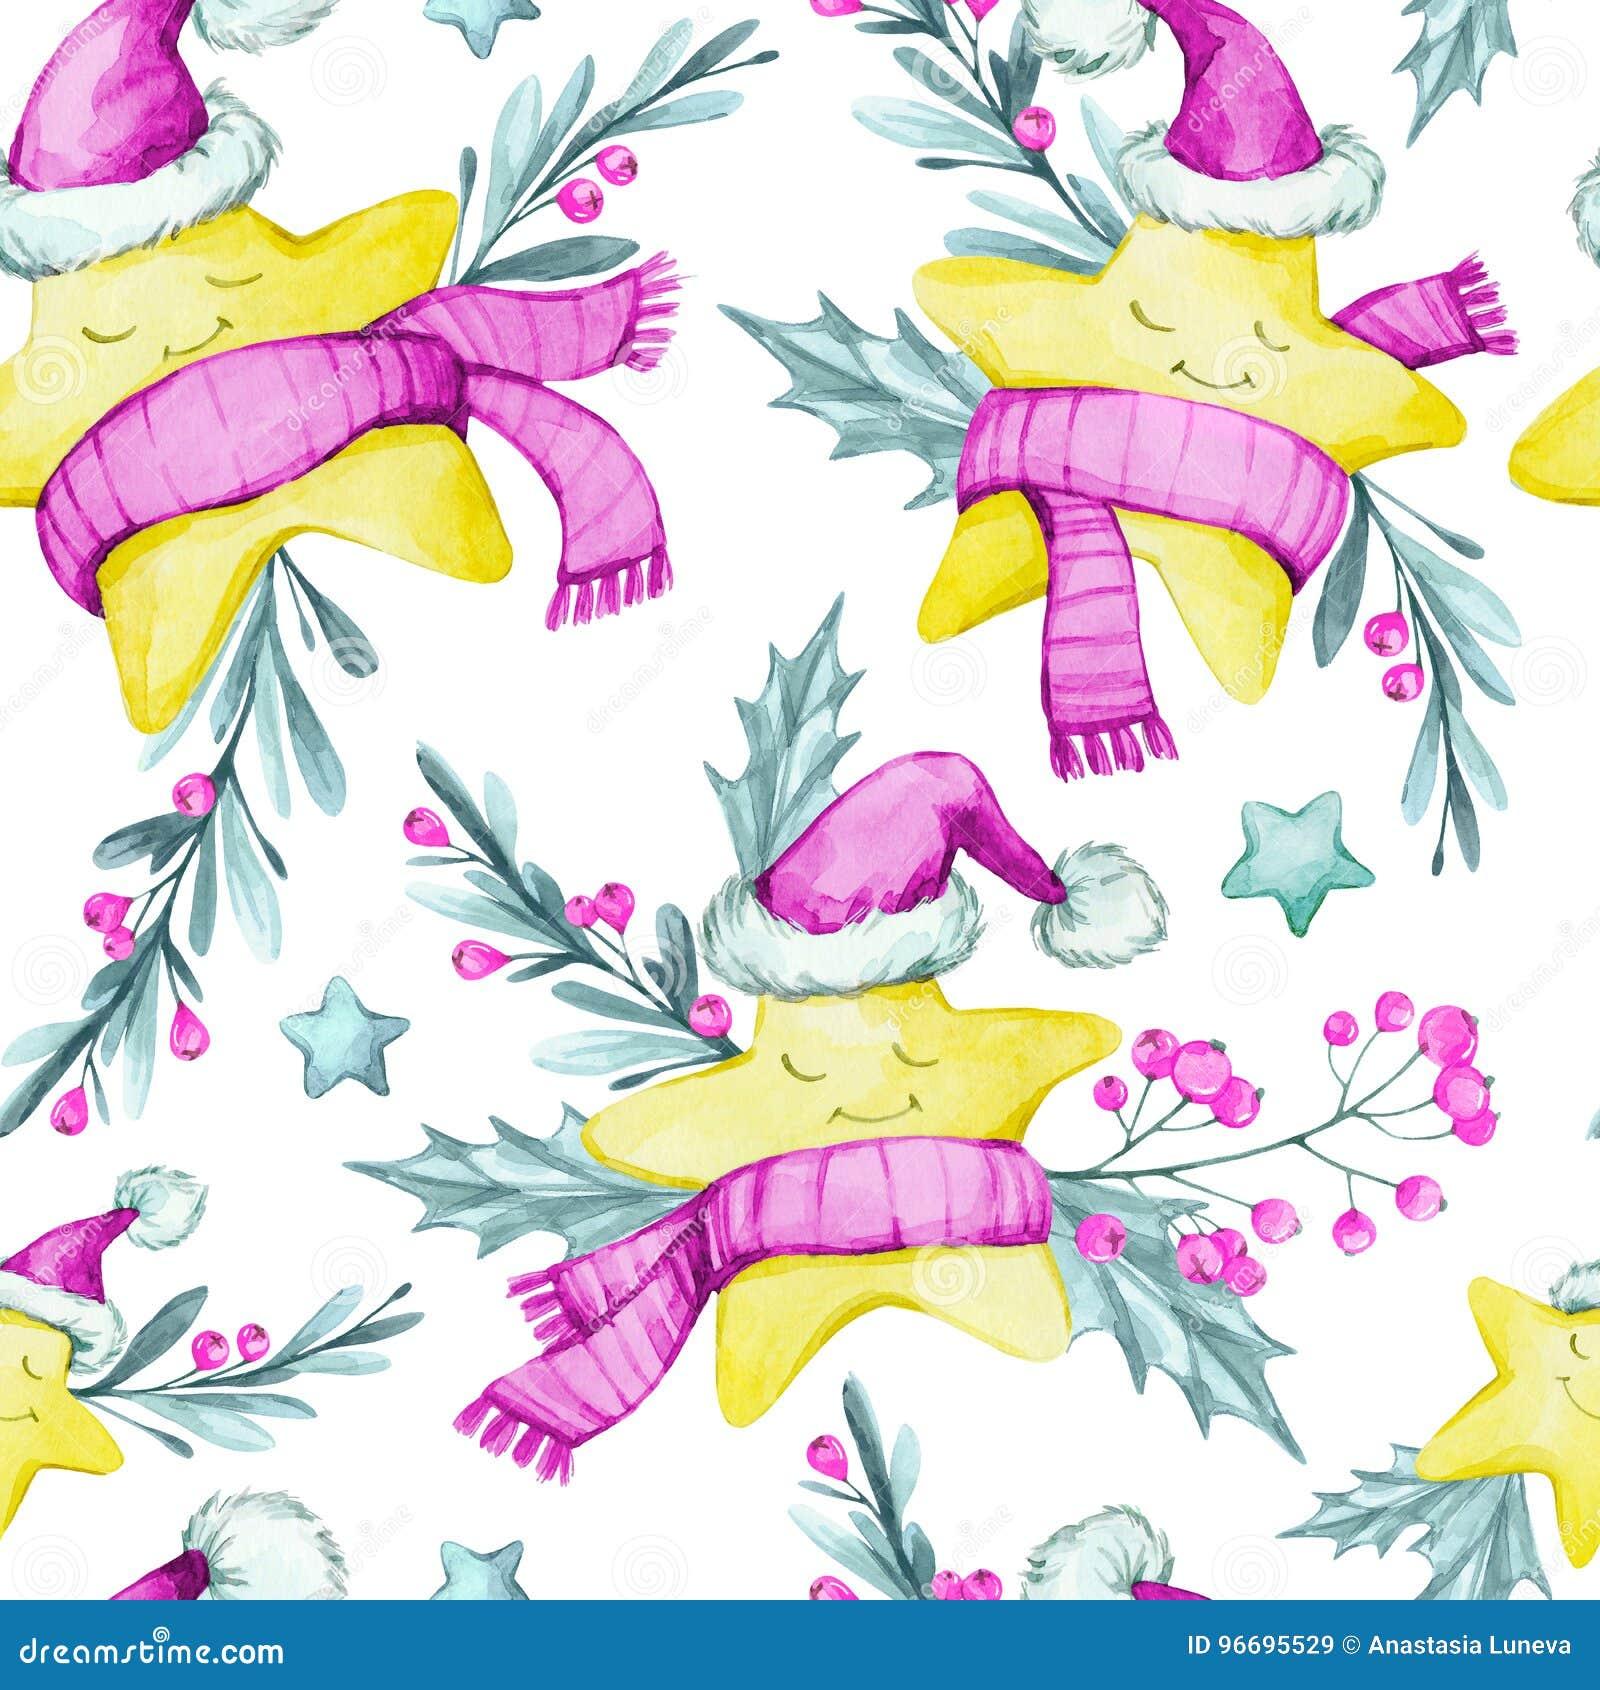 Akwarela bezszwowy wzór z kreskówką gra główna rolę w ciepłych płótnach, liściach i jagodach, nowy rok, wesołych Świąt